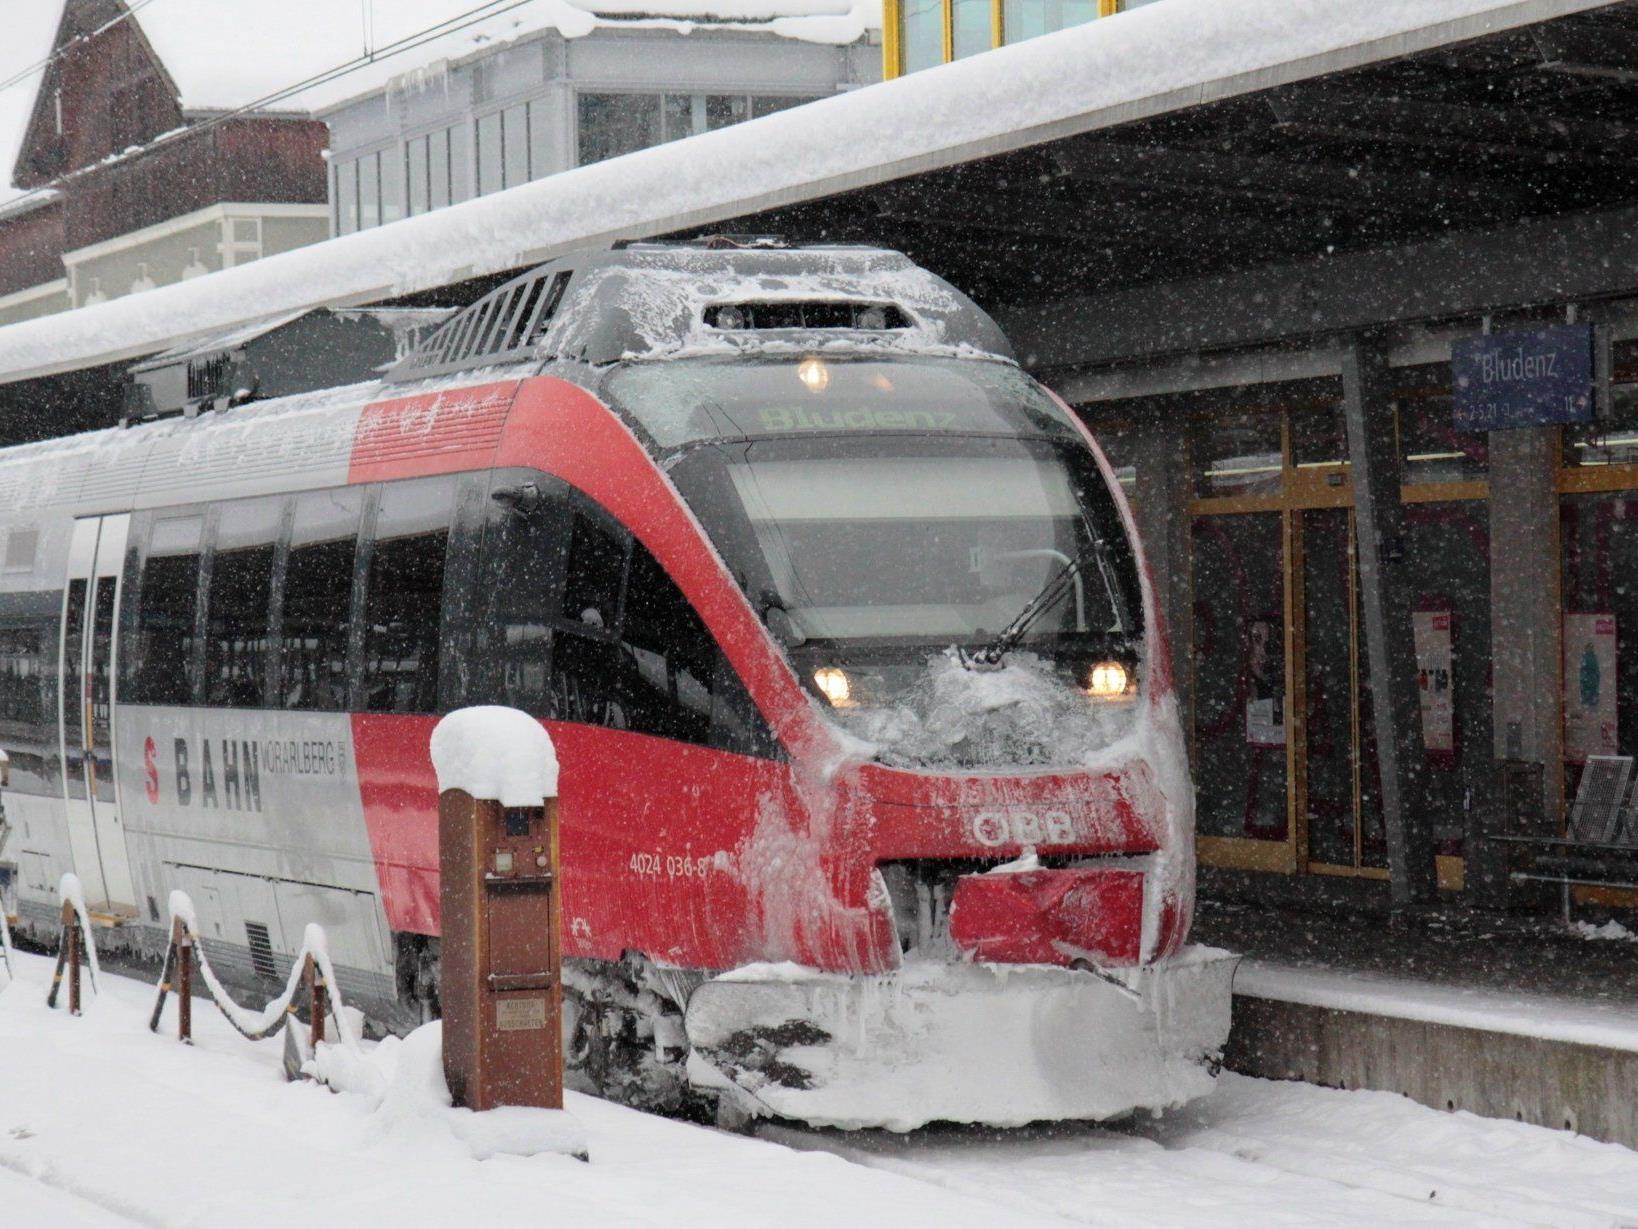 98,6 Prozent aller Züge in Vorarlberg fahren pünktlich.